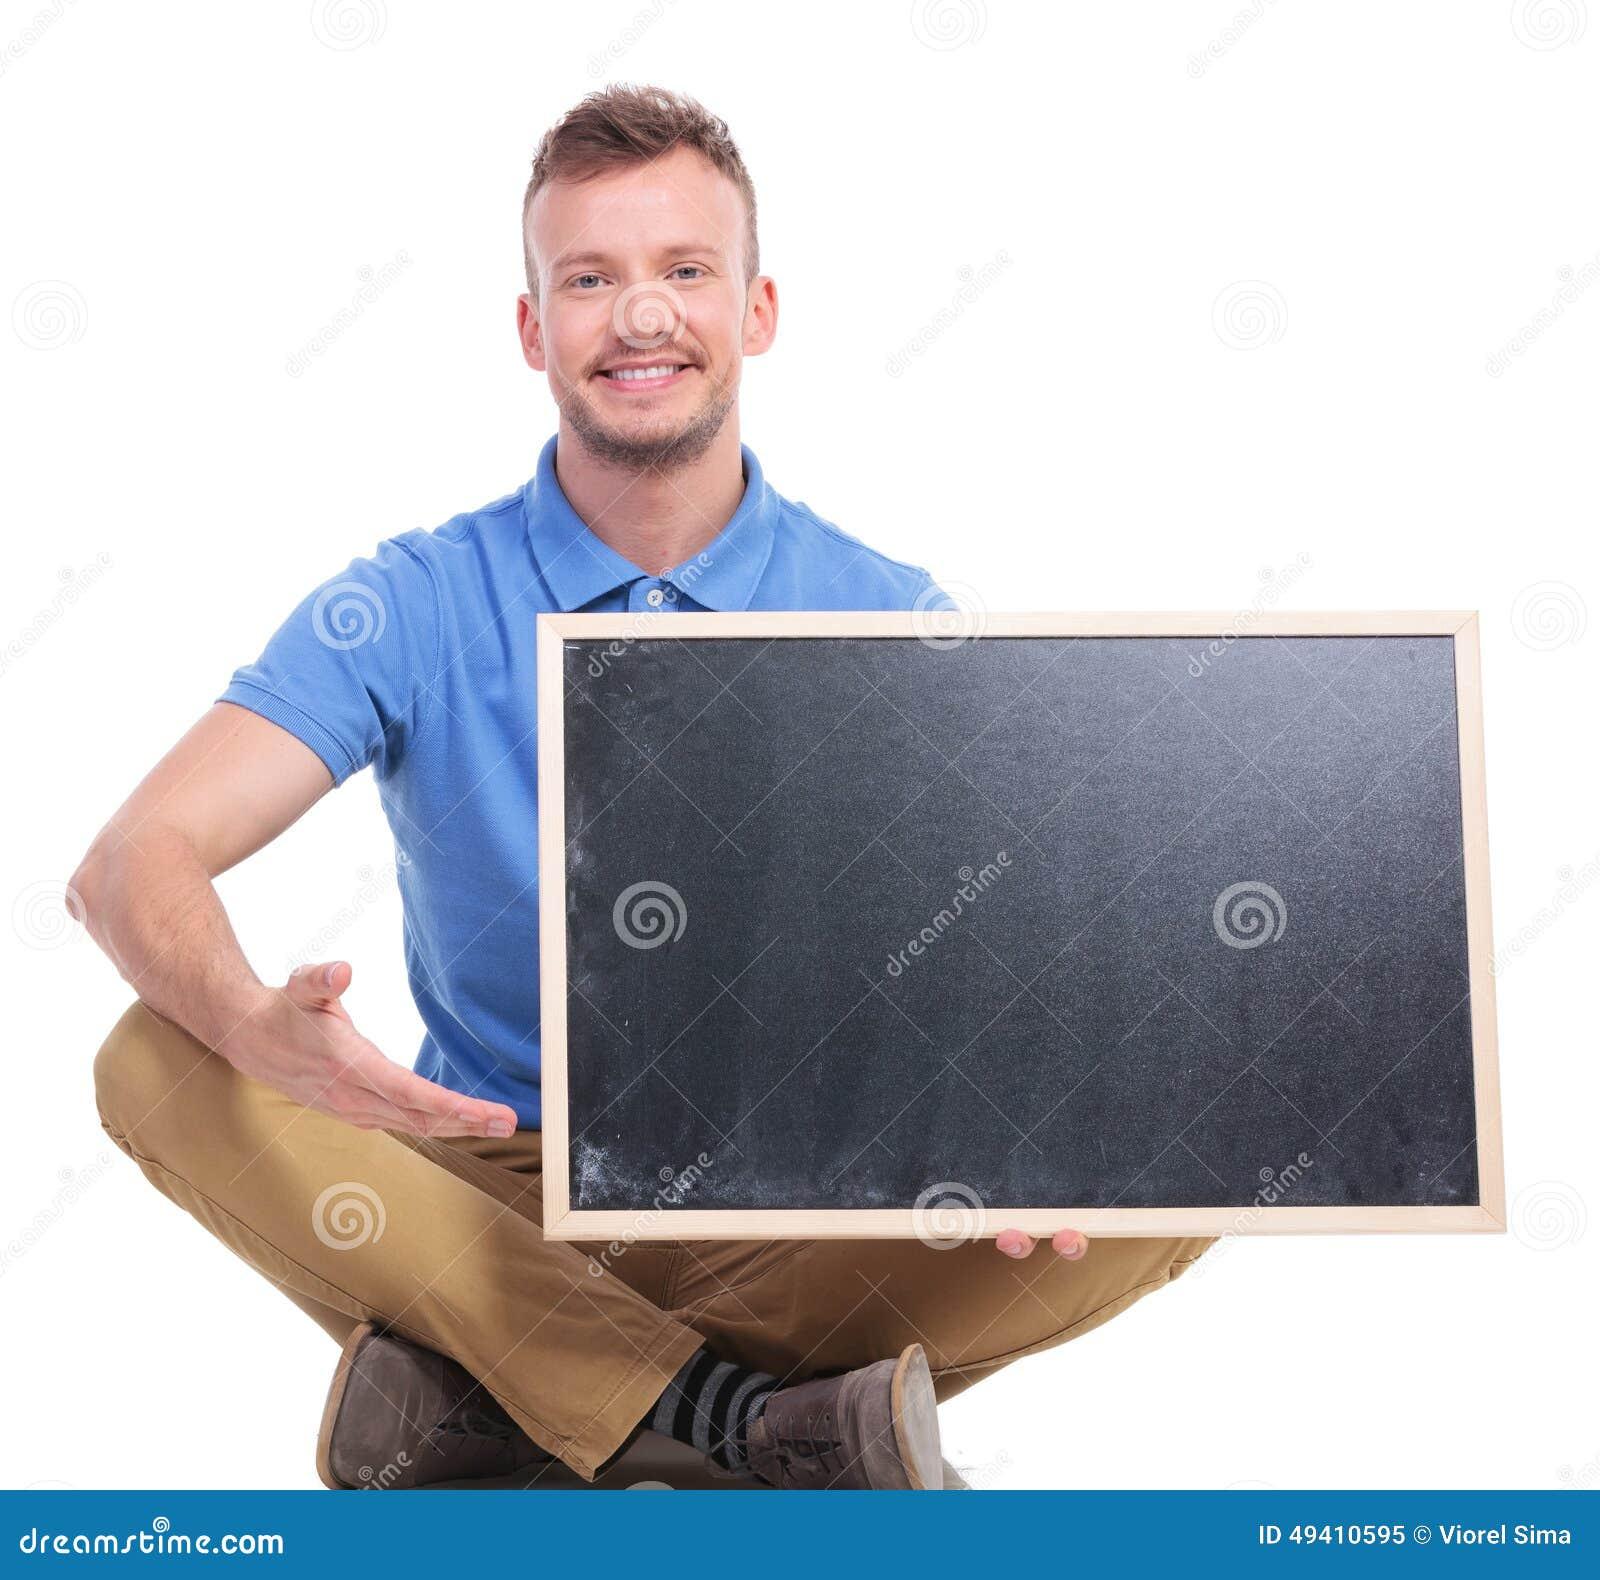 Download Junge Sitzmann Stellt Leere Tafel Dar Stockbild - Bild von zeigen, vorstand: 49410595